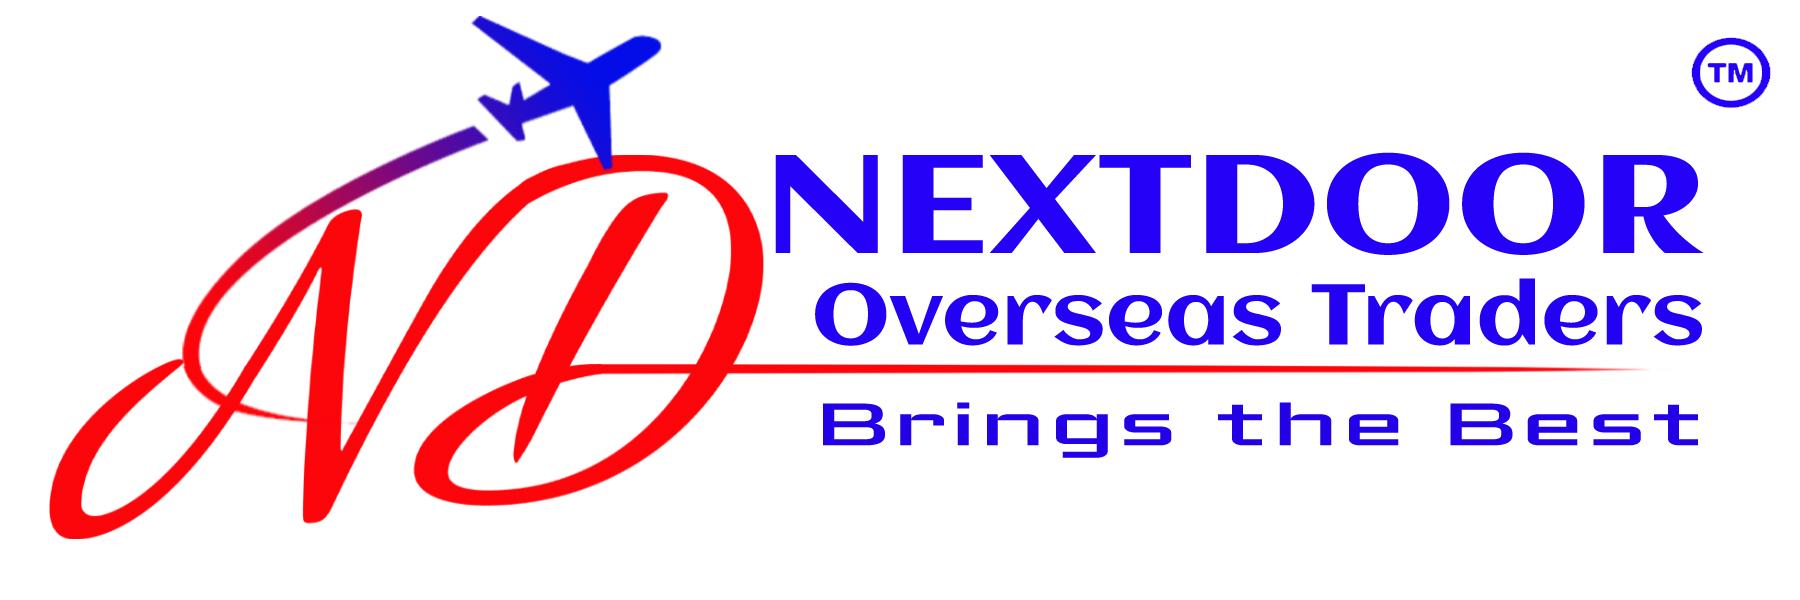 Next Door Overseas Traders